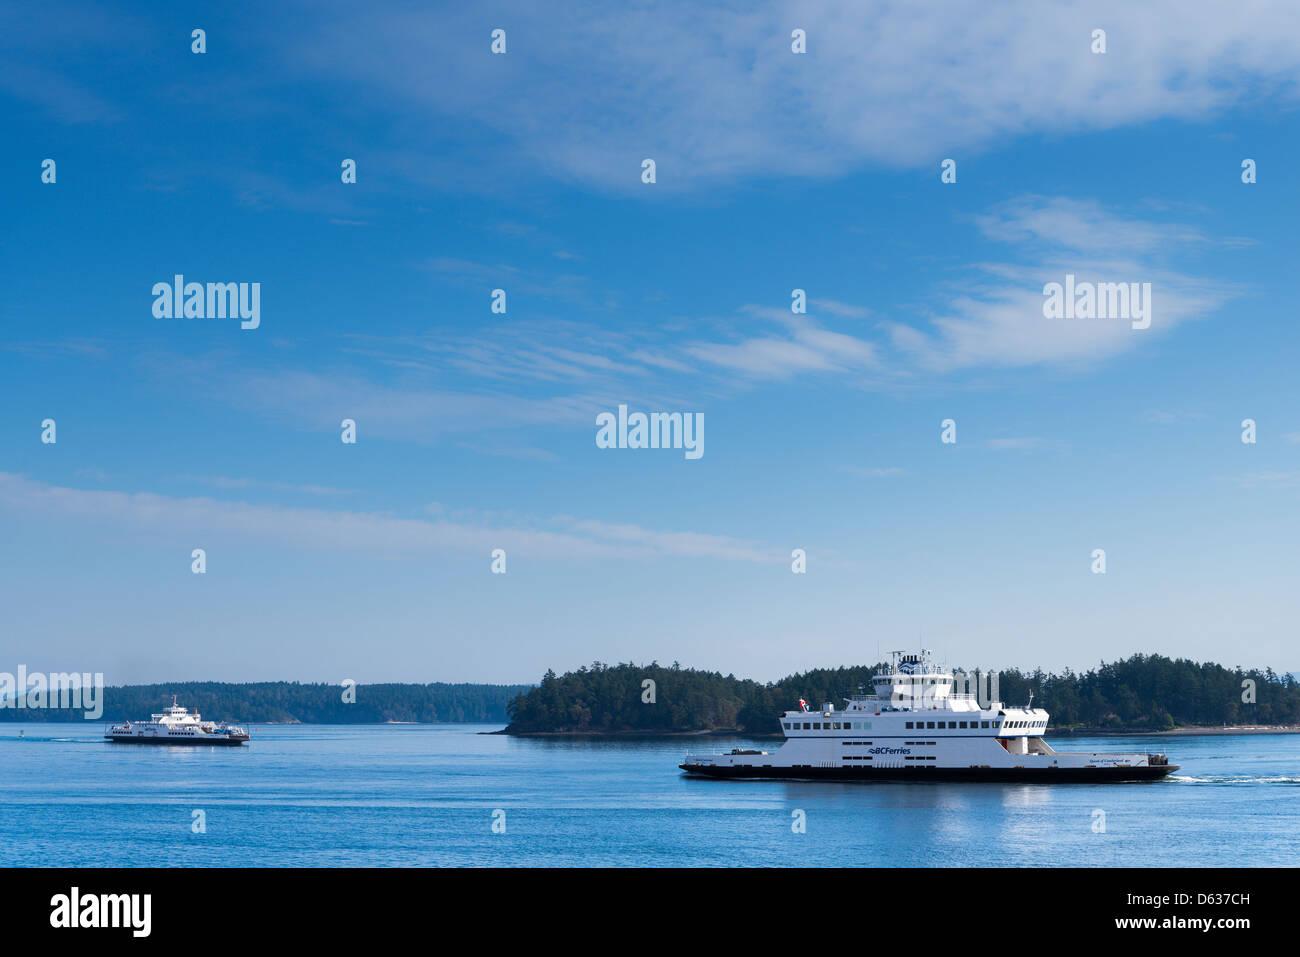 British Columbia Ferries, near Swartz Bay, British Columbia, Canada - Stock Image